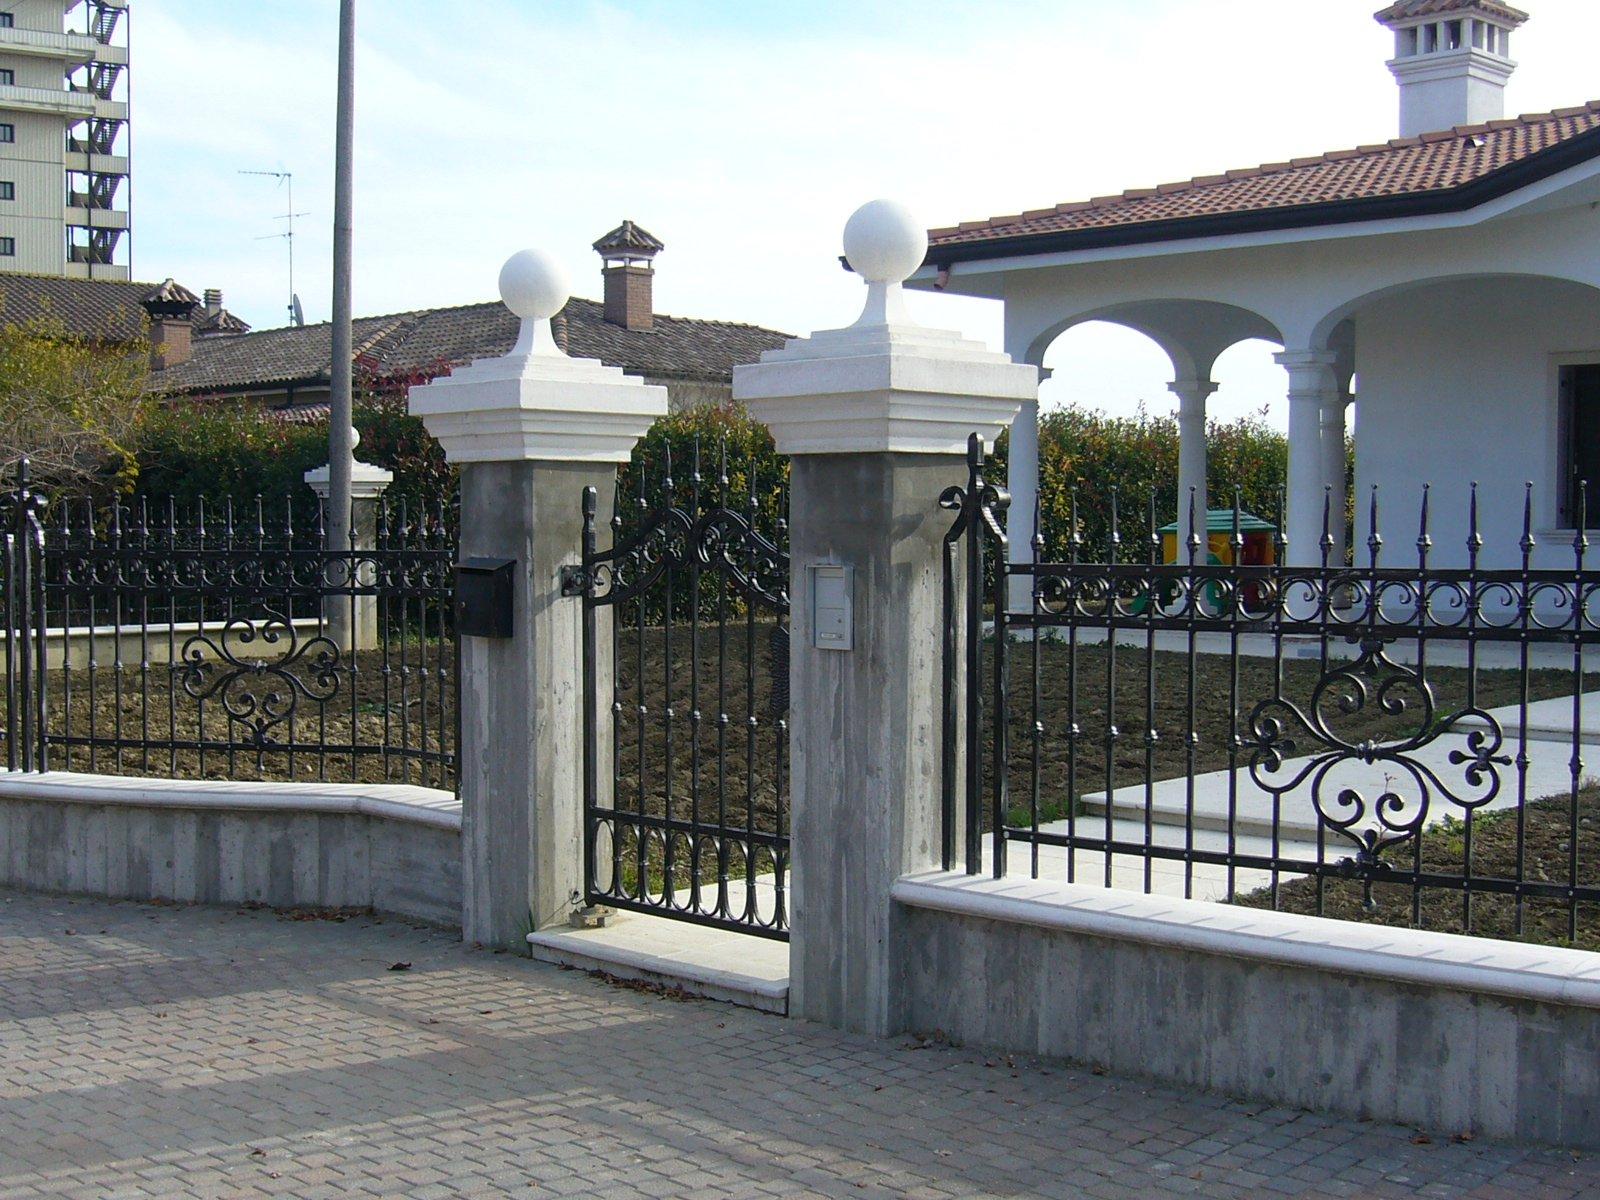 Ingresso di una casa con inferriata decorata e capitelli